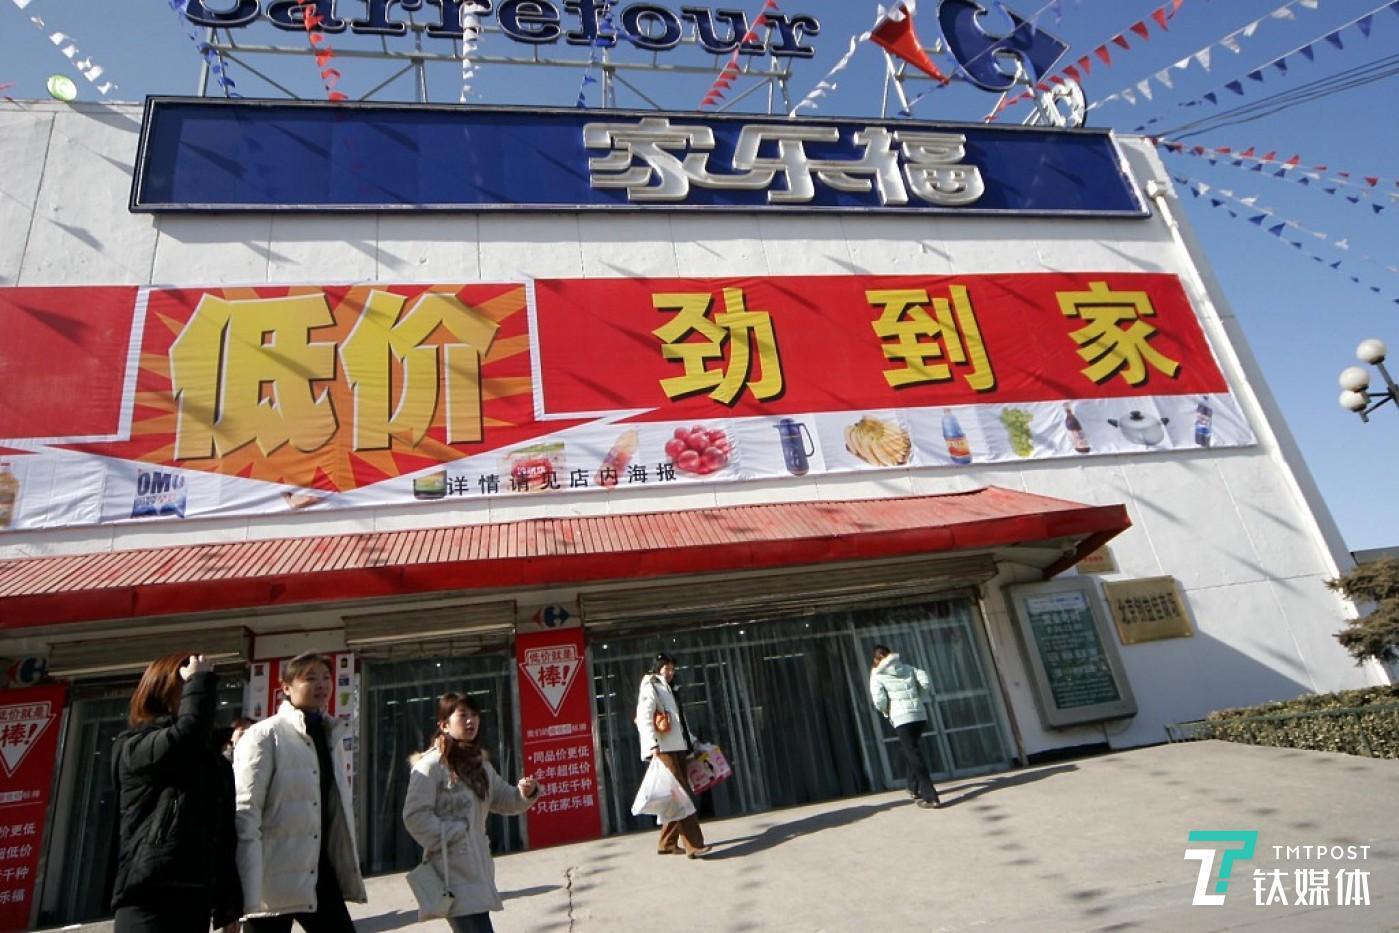 2006年2月20日,北京一carrefour家乐福超市低价劲到家的广告下顾客正经过